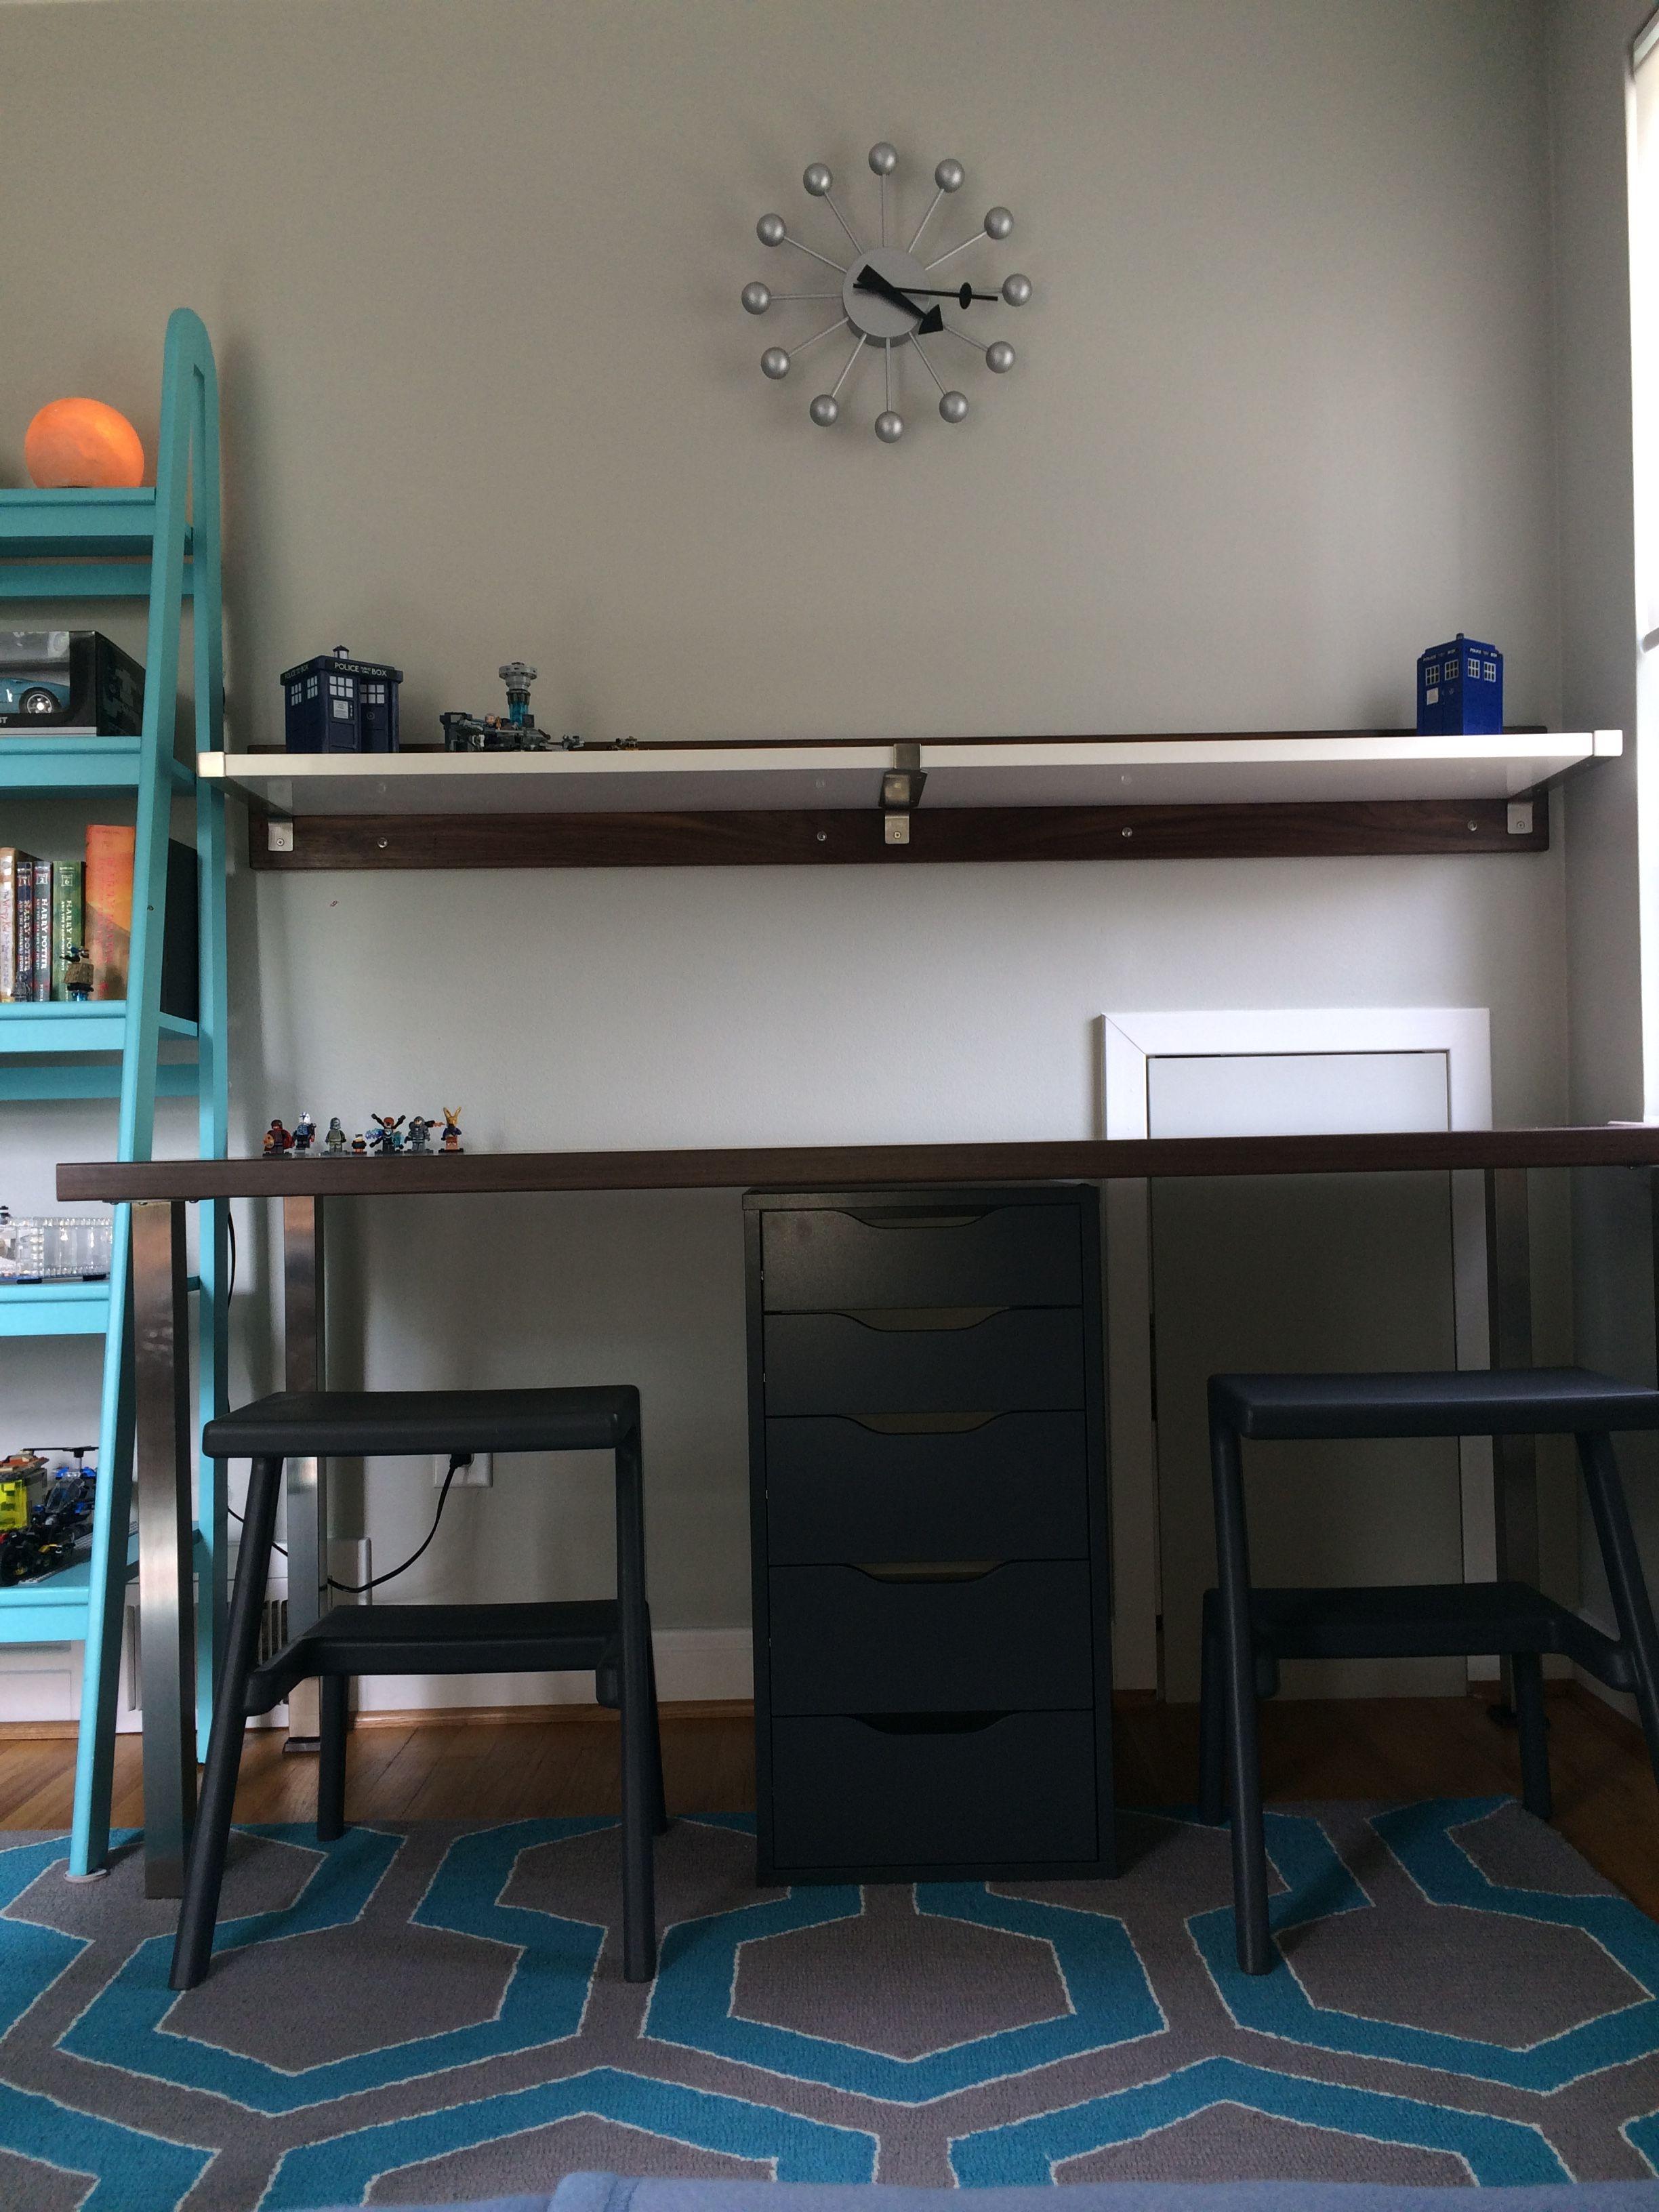 Ikea Hack: Double Desk Using Ikea SÄljan Walnuteffect Counter Top, Ikea  Sjunne